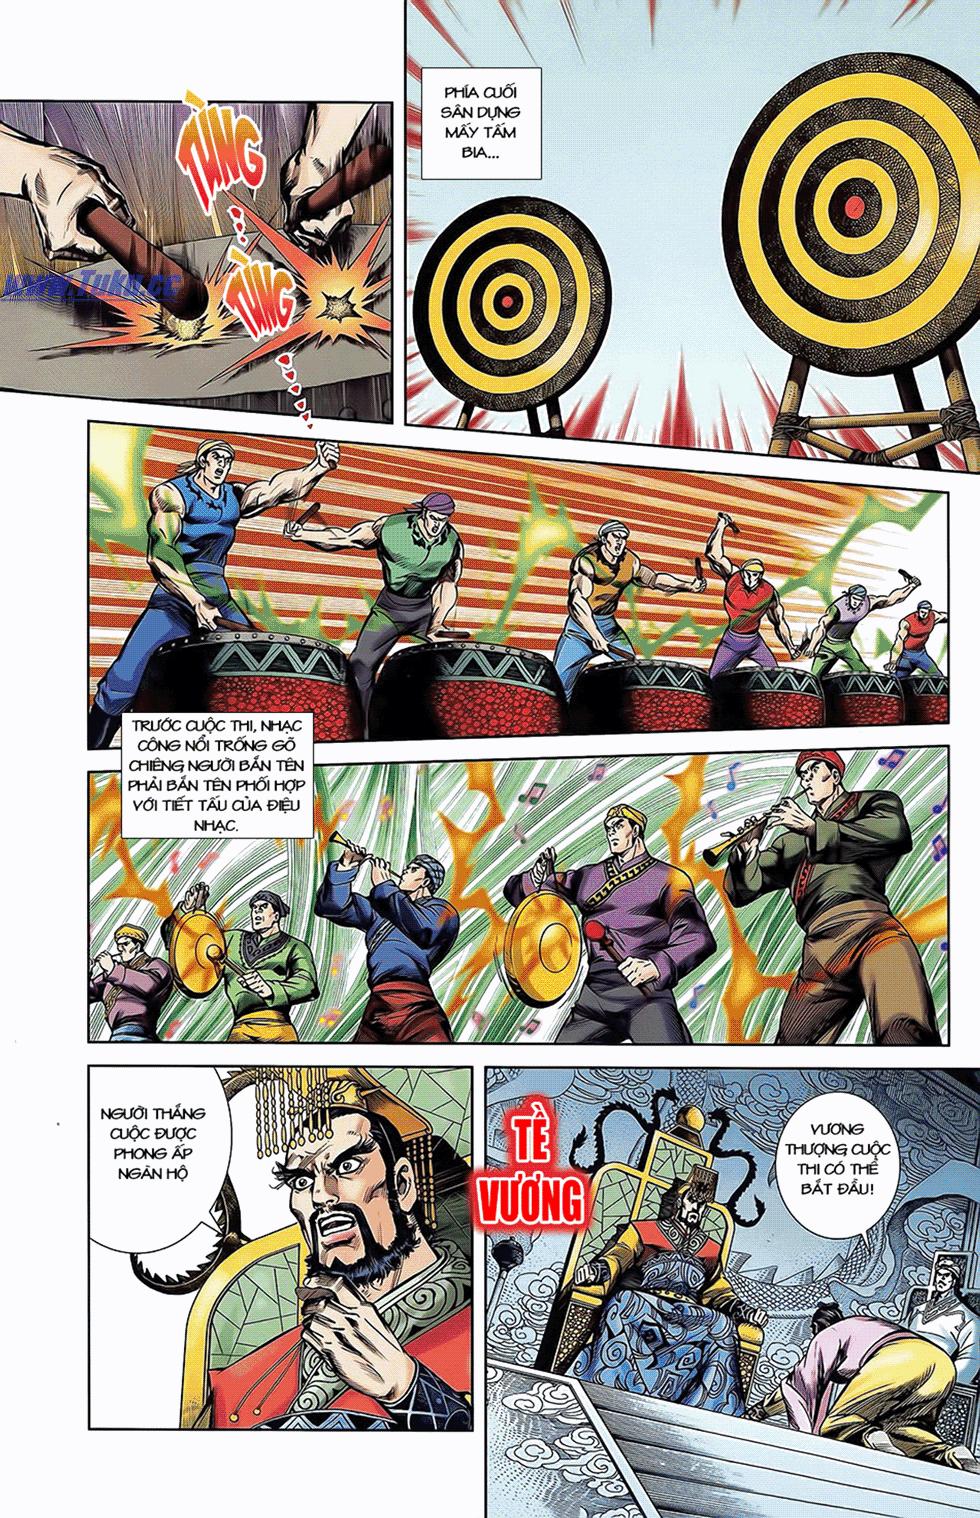 Tần Vương Doanh Chính chapter 6 trang 16